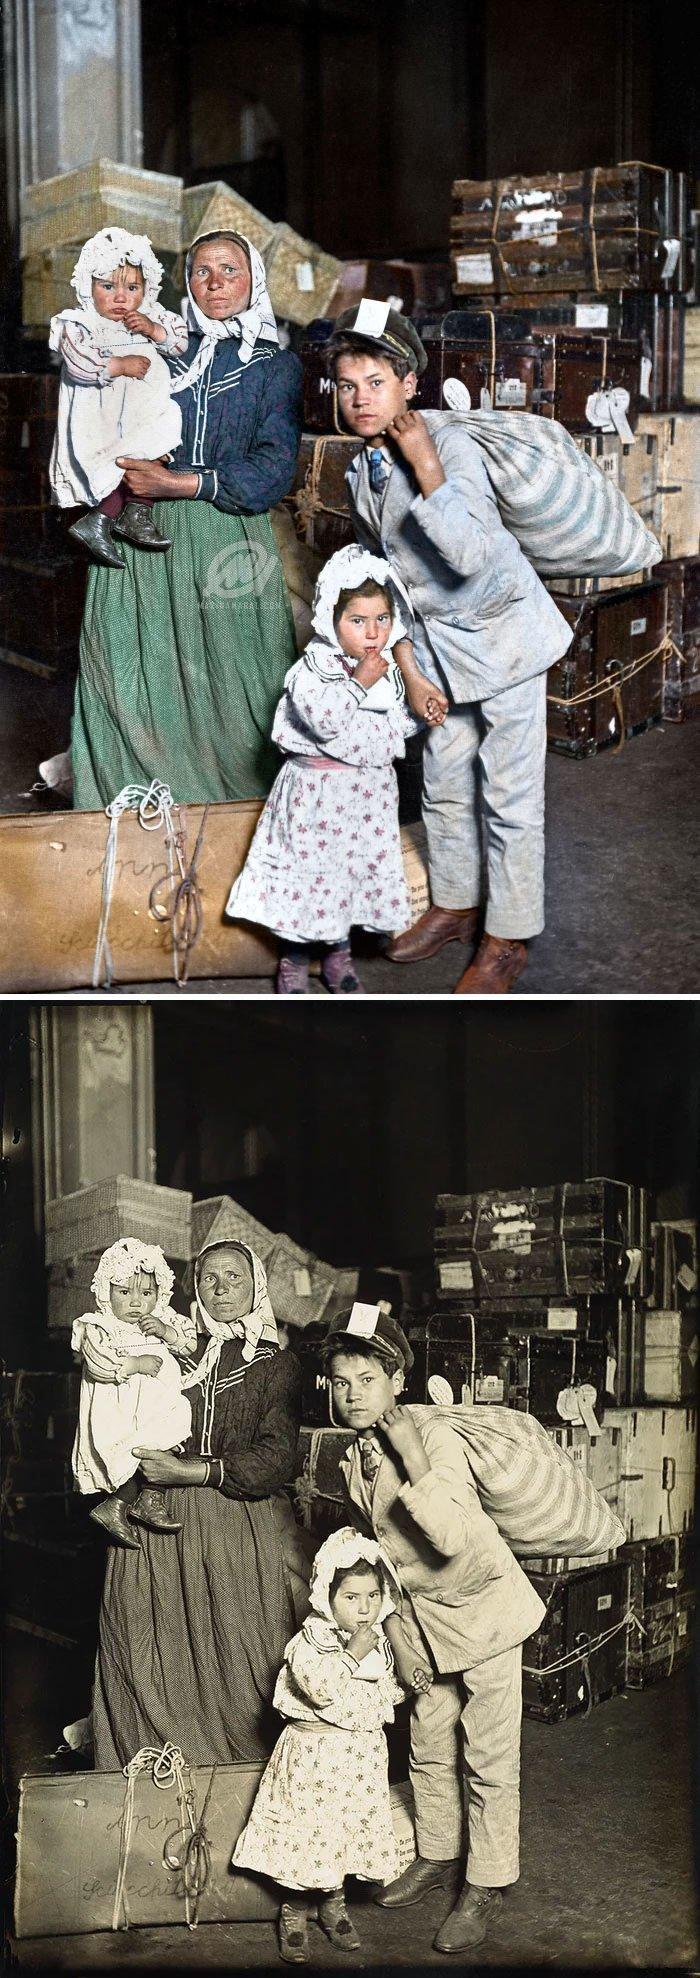 Итальянские иммигранты на острове Эллис, 1905 год история, портрет, прошлое, событие, фотография, фотомир, цвет